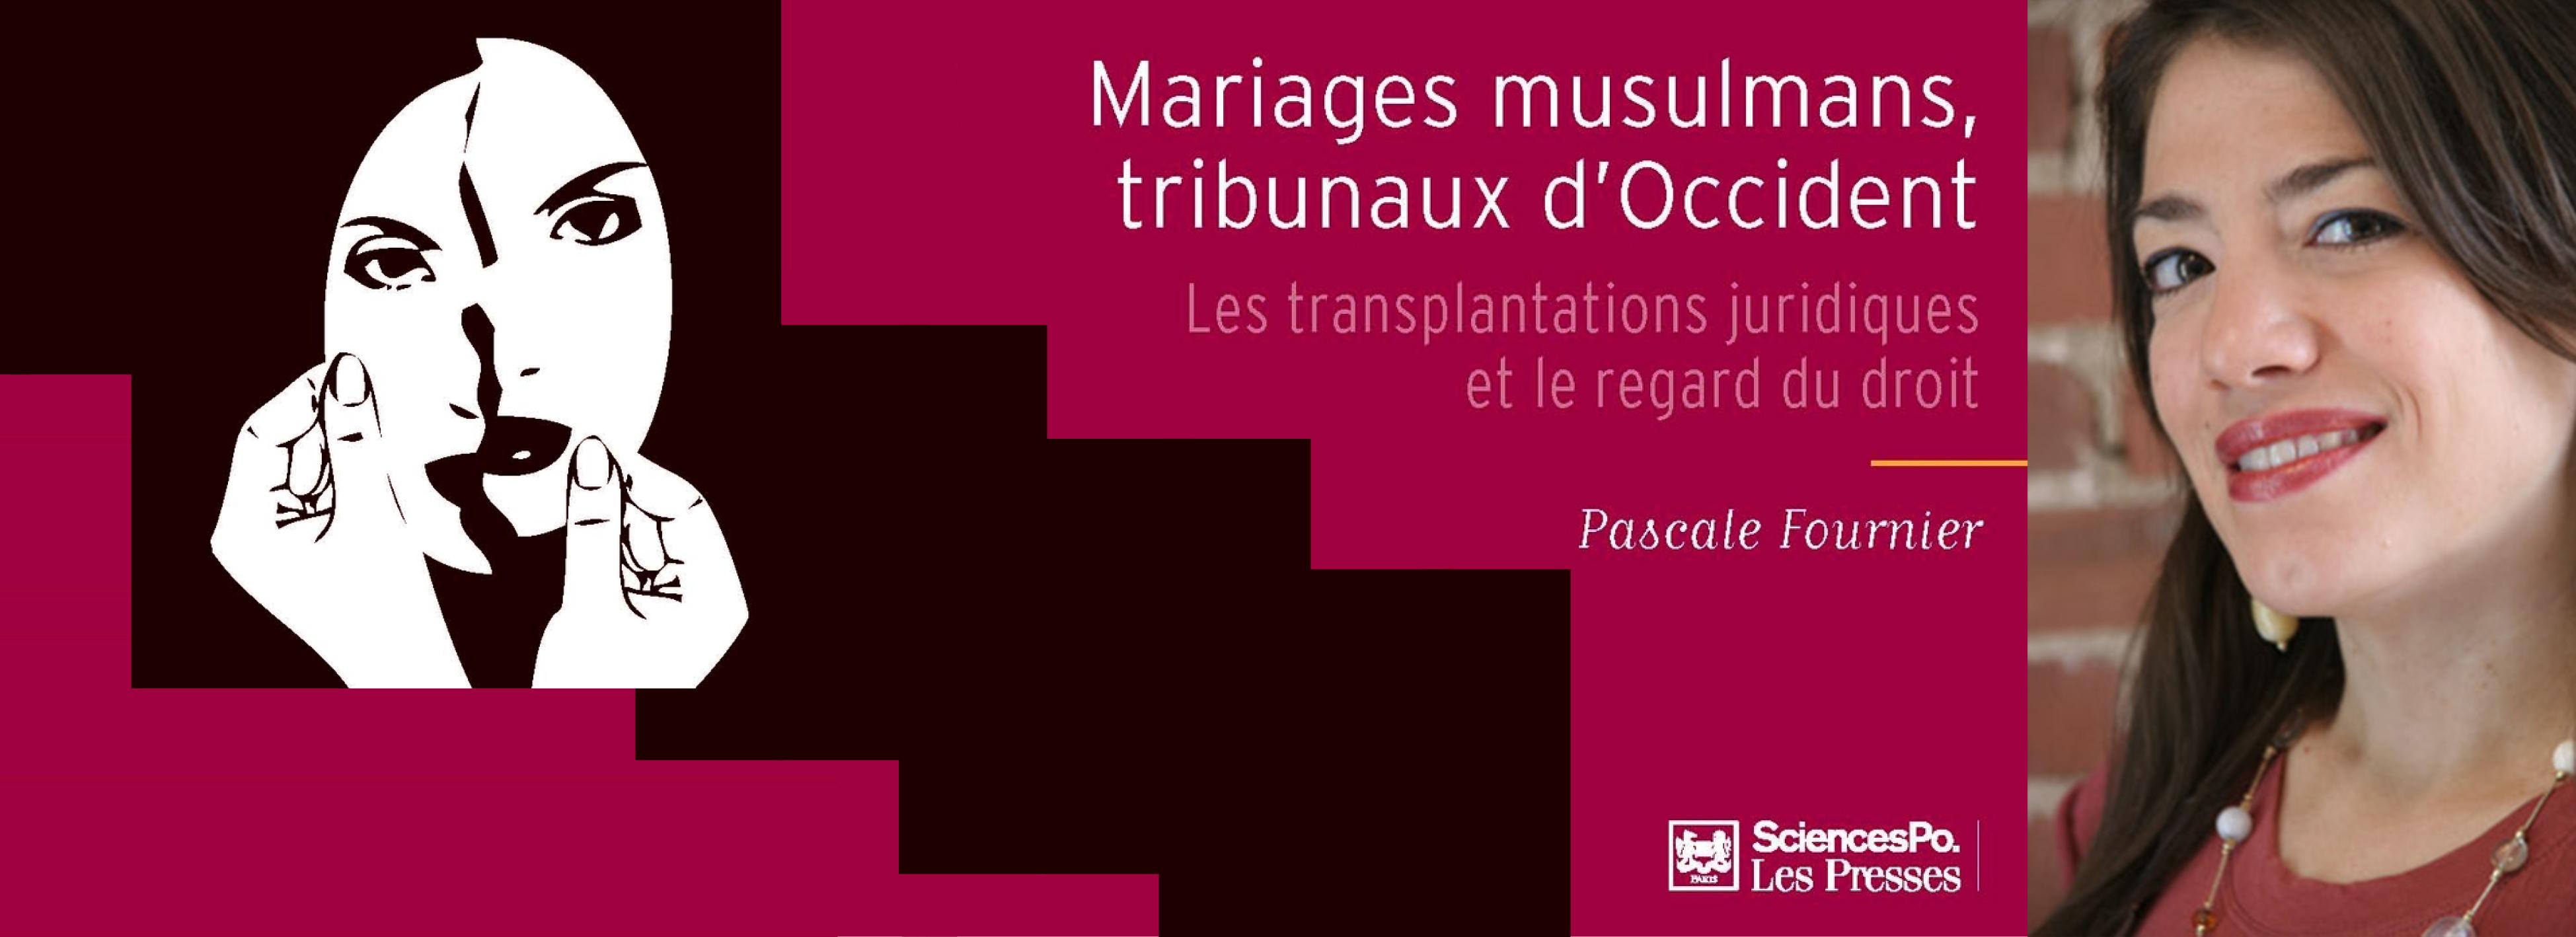 Image pour le lancement de livre de Pascale Fournier